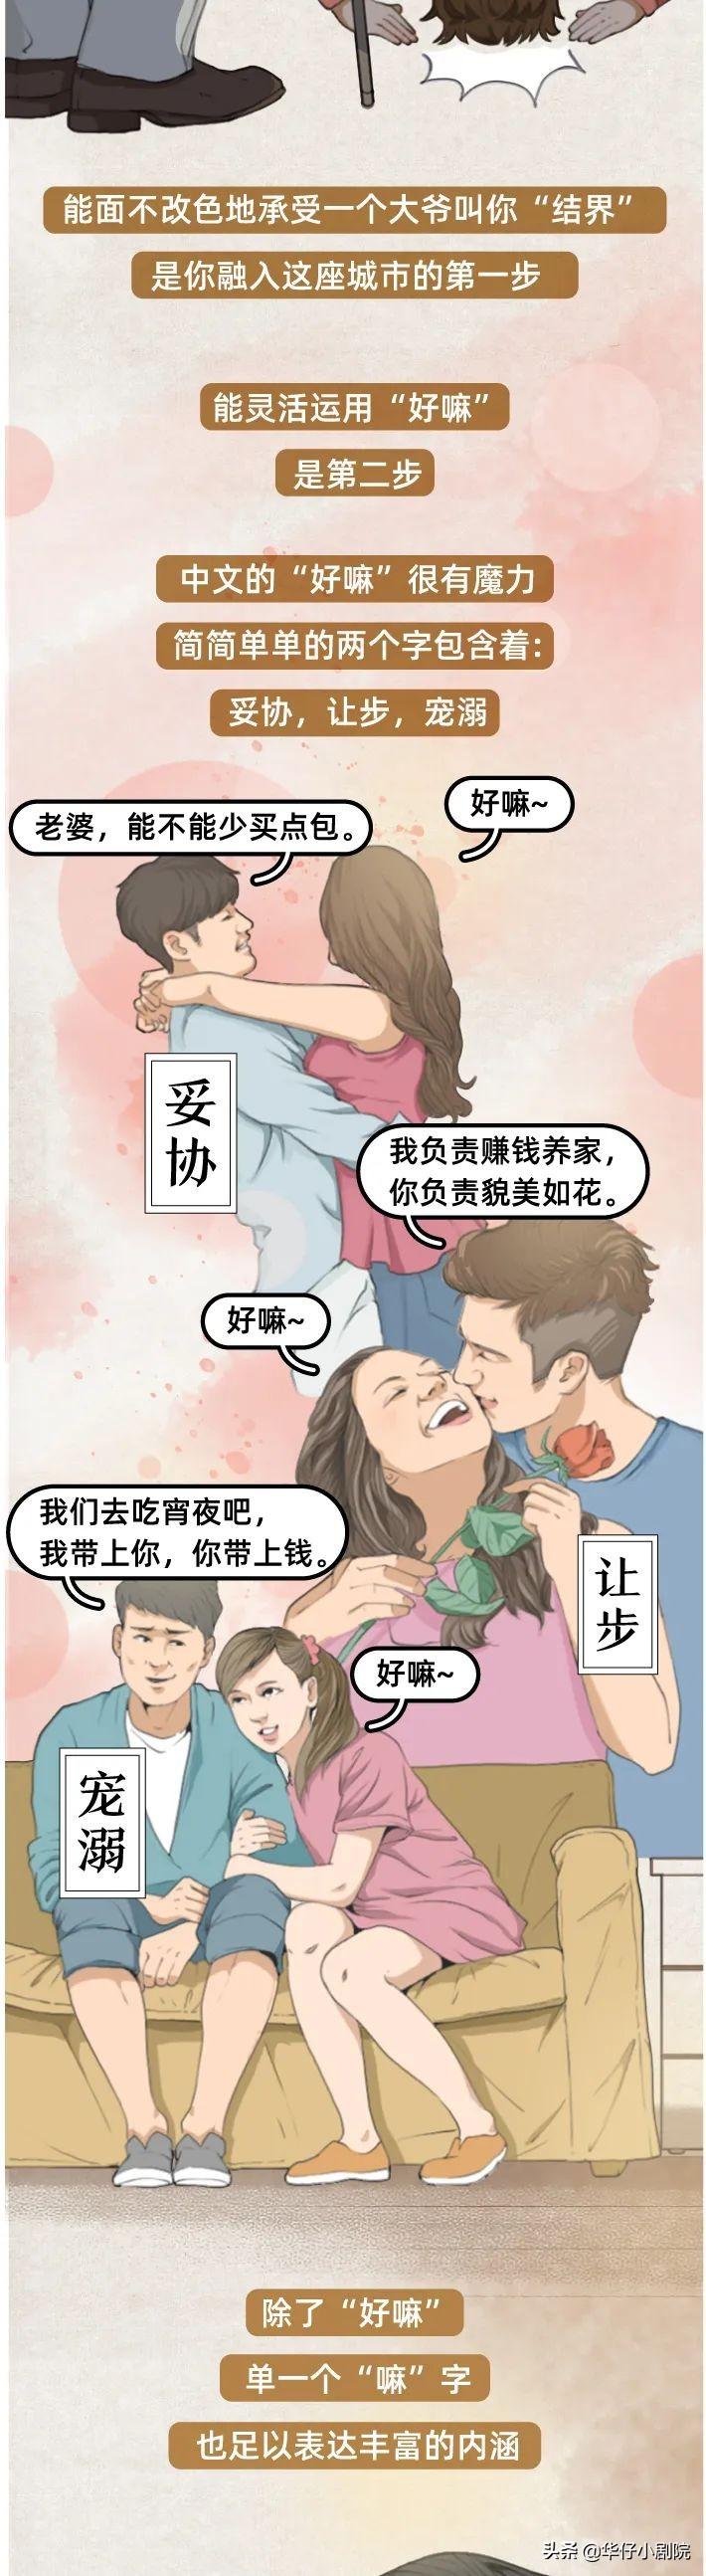 天津人的快乐生活图鉴